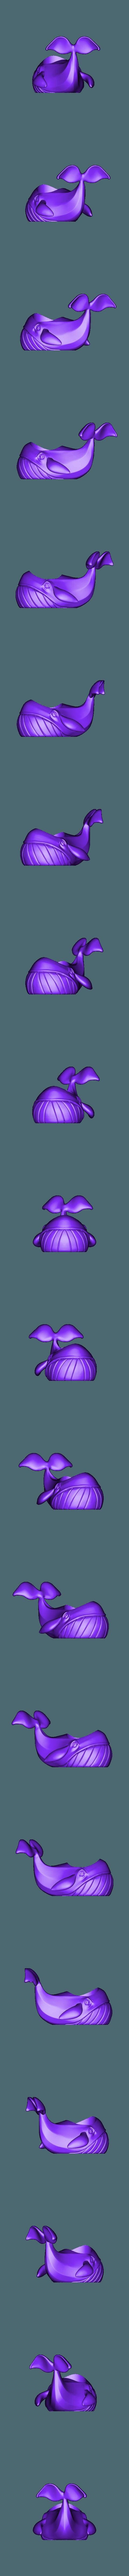 Whale.obj Télécharger fichier OBJ gratuit Pot de fleurs de baleine • Design imprimable en 3D, Dynastinae